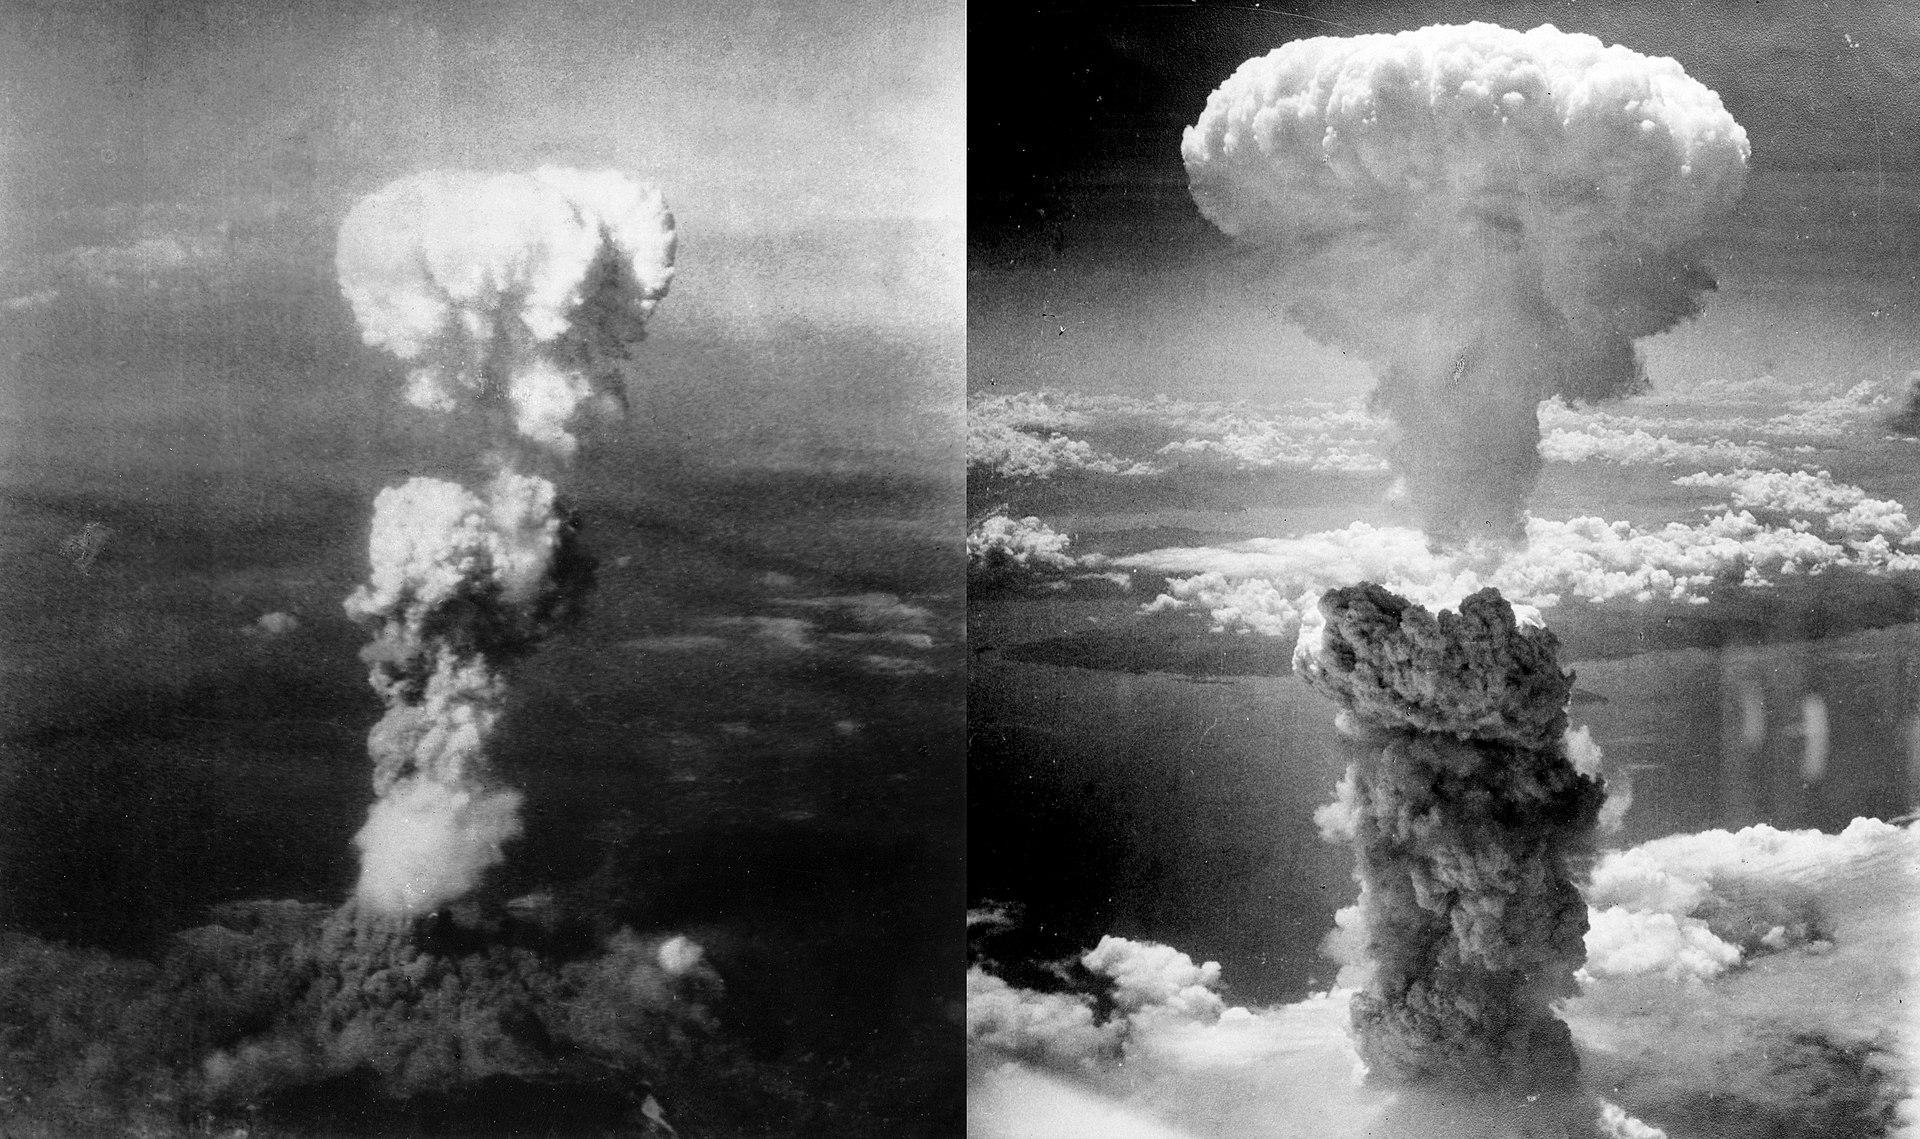 Hiroshima & Nagasaki A-Bombs